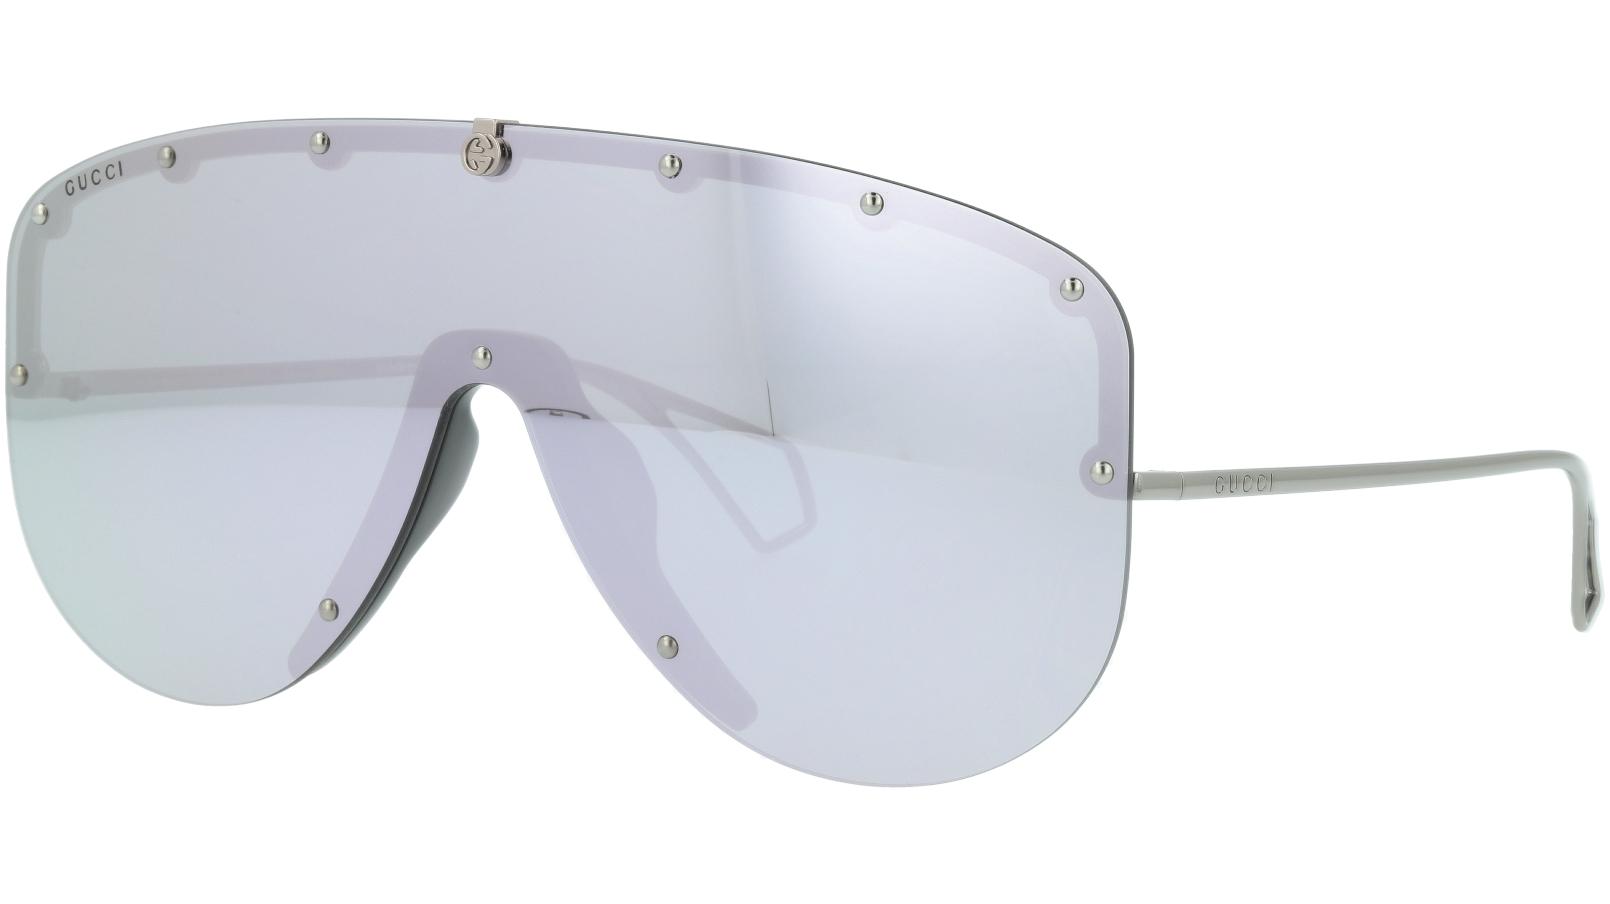 GUCCI GG0667S 002 99 RUTHENIUM Sunglasses